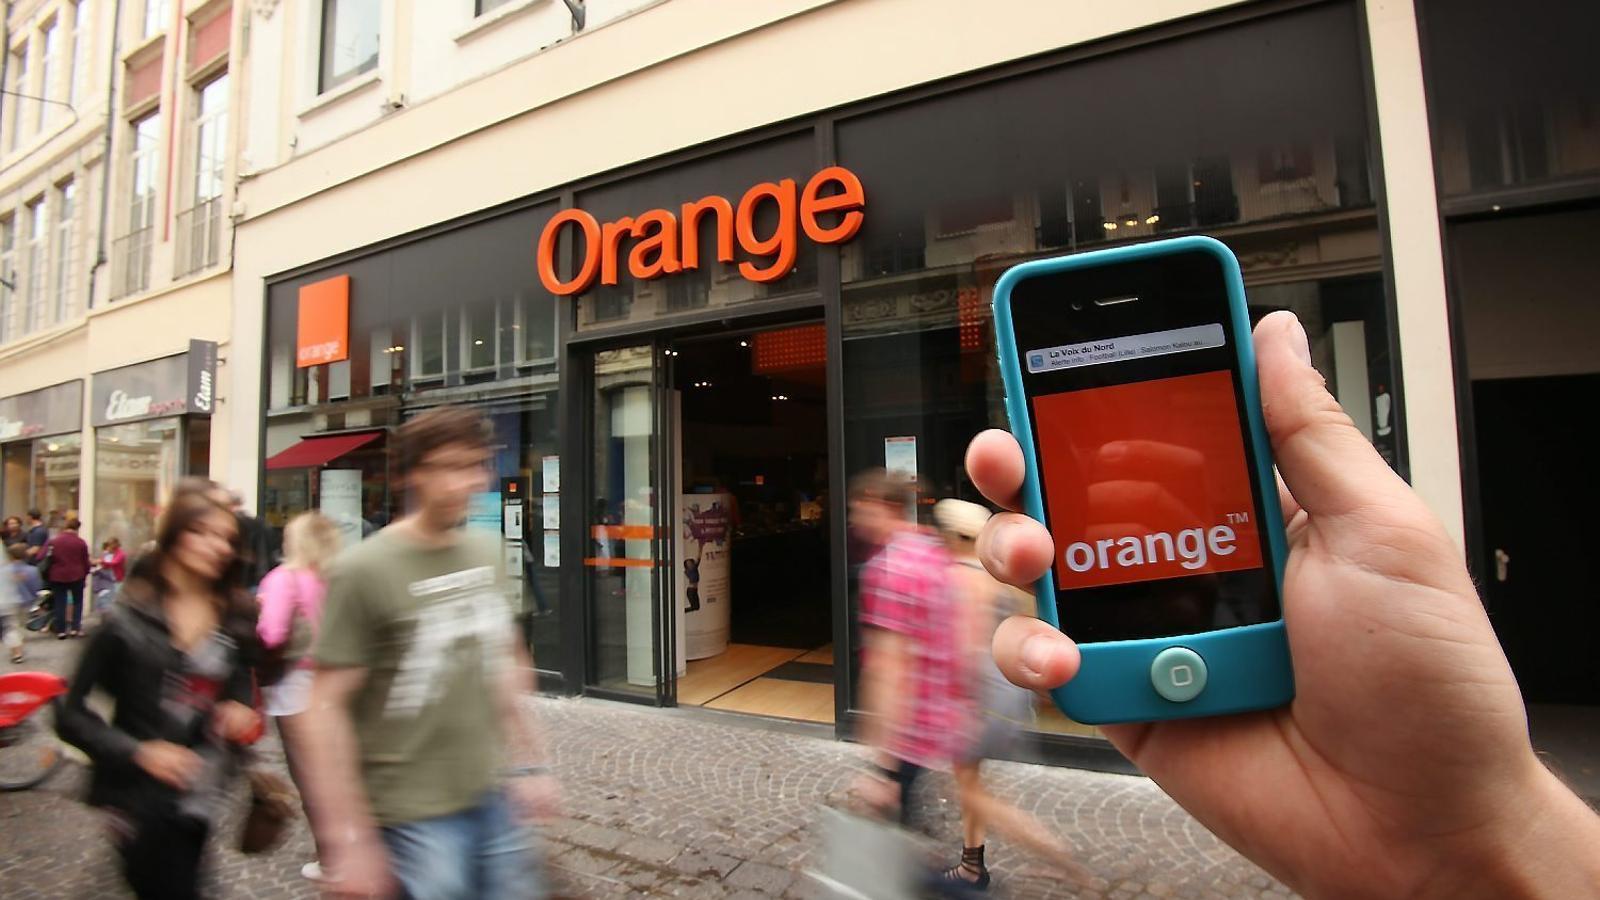 la fiscalia francesa vol jutjar orange per desenes de su u00efcidis